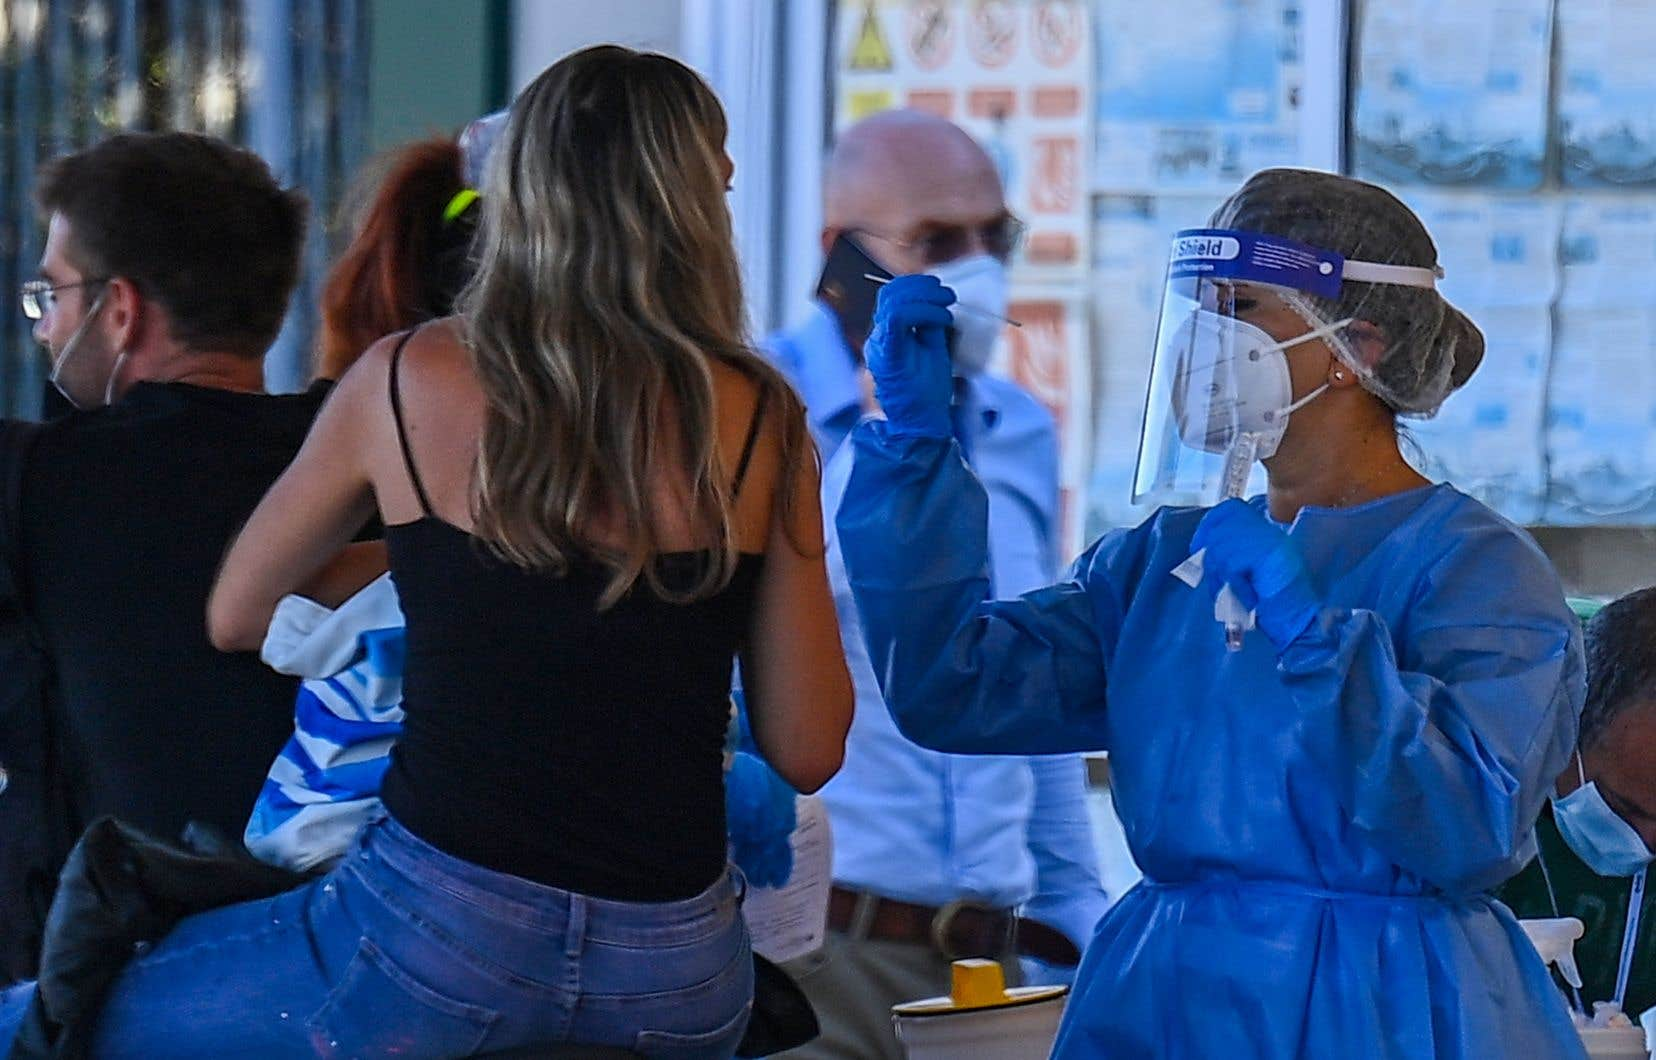 En Italie, des vacanciers débarquant du traversier en provenance de Sardaigne se soumettent à un test de dépistage pour la COVID-19.